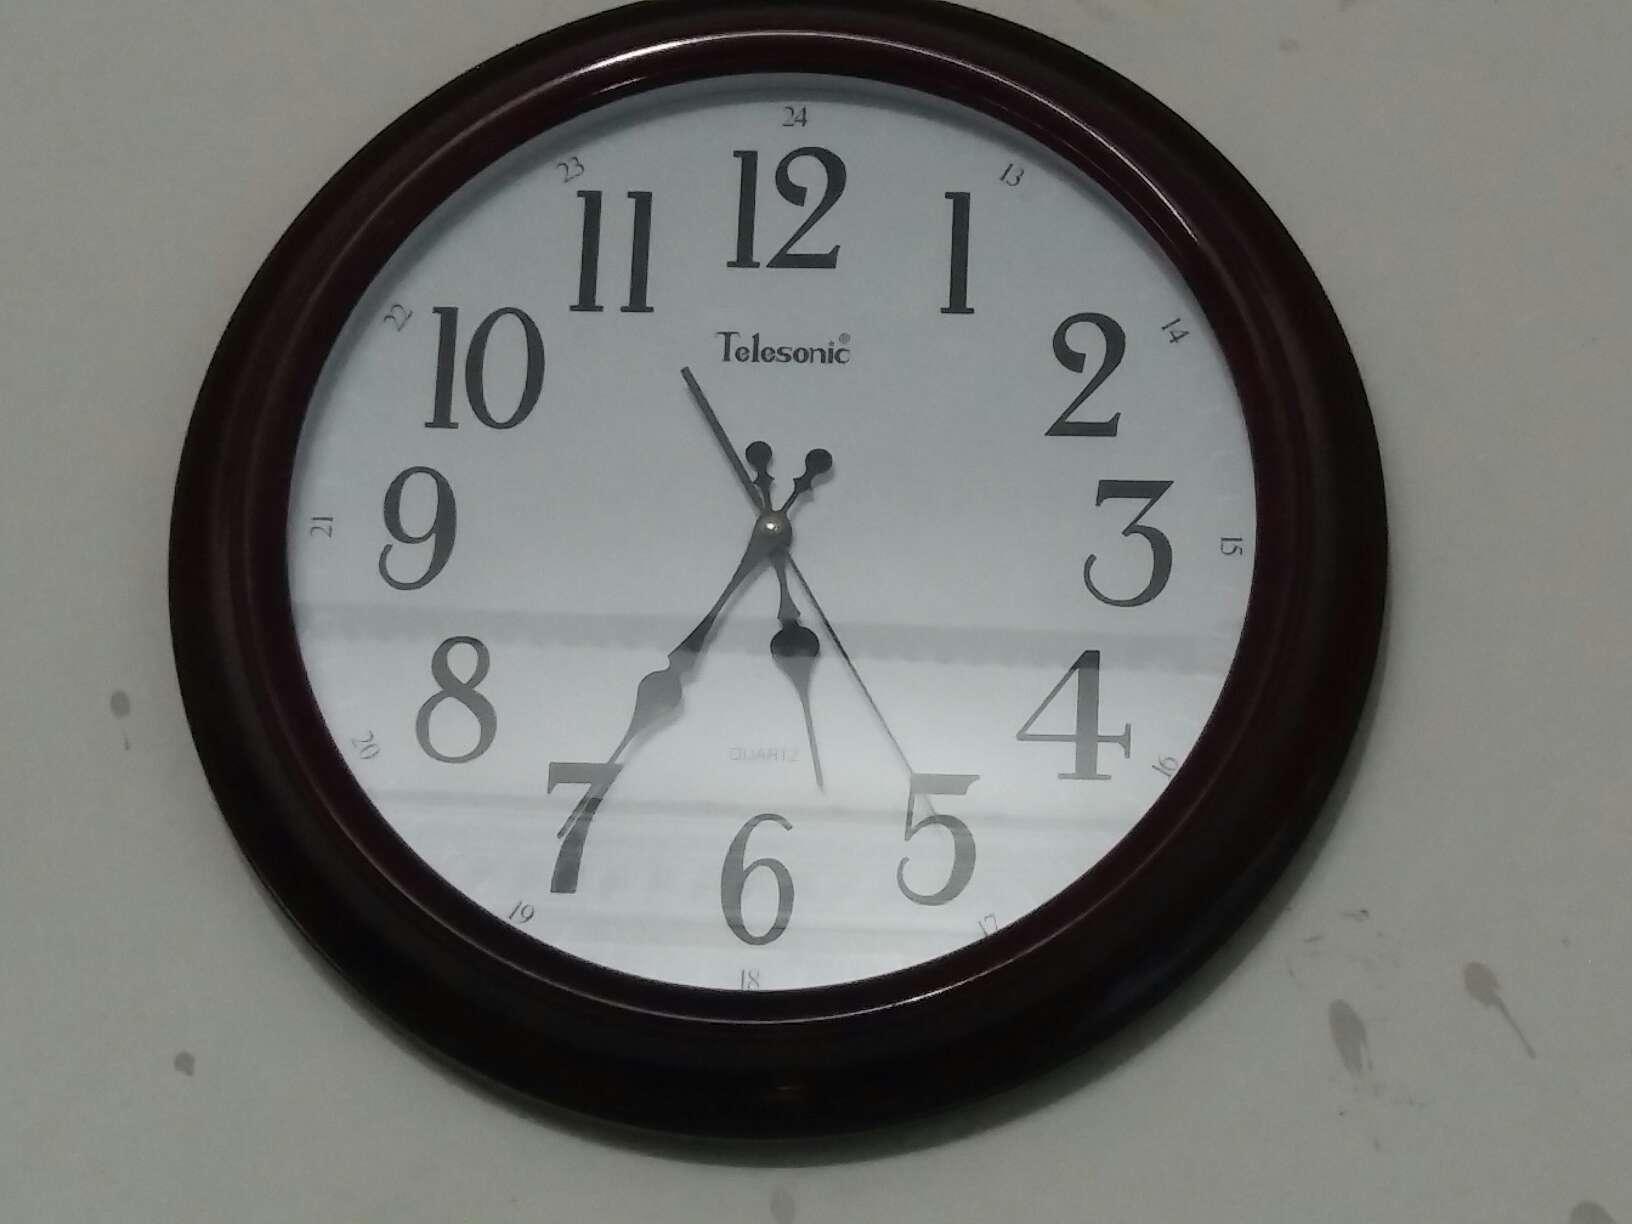 天王星(Telesonic)挂钟12英寸日式简约挂钟家用客厅时钟装饰石英钟卧室静音时钟表Q0731-1白色